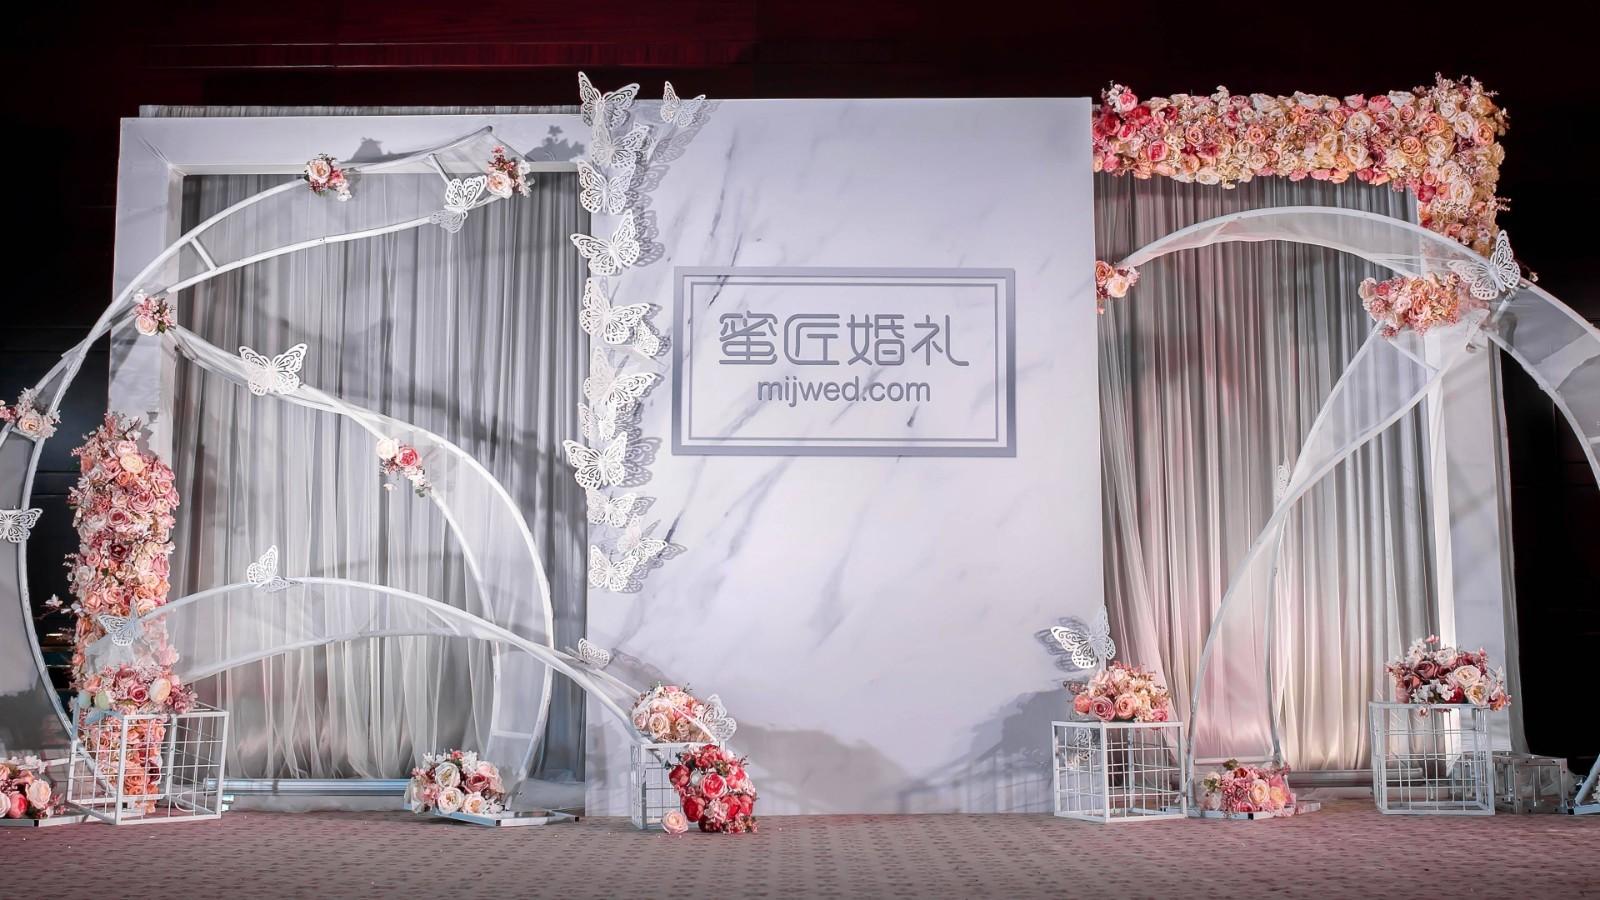 婚礼签到台应该放哪些东西 婚礼签到台上怎么摆放